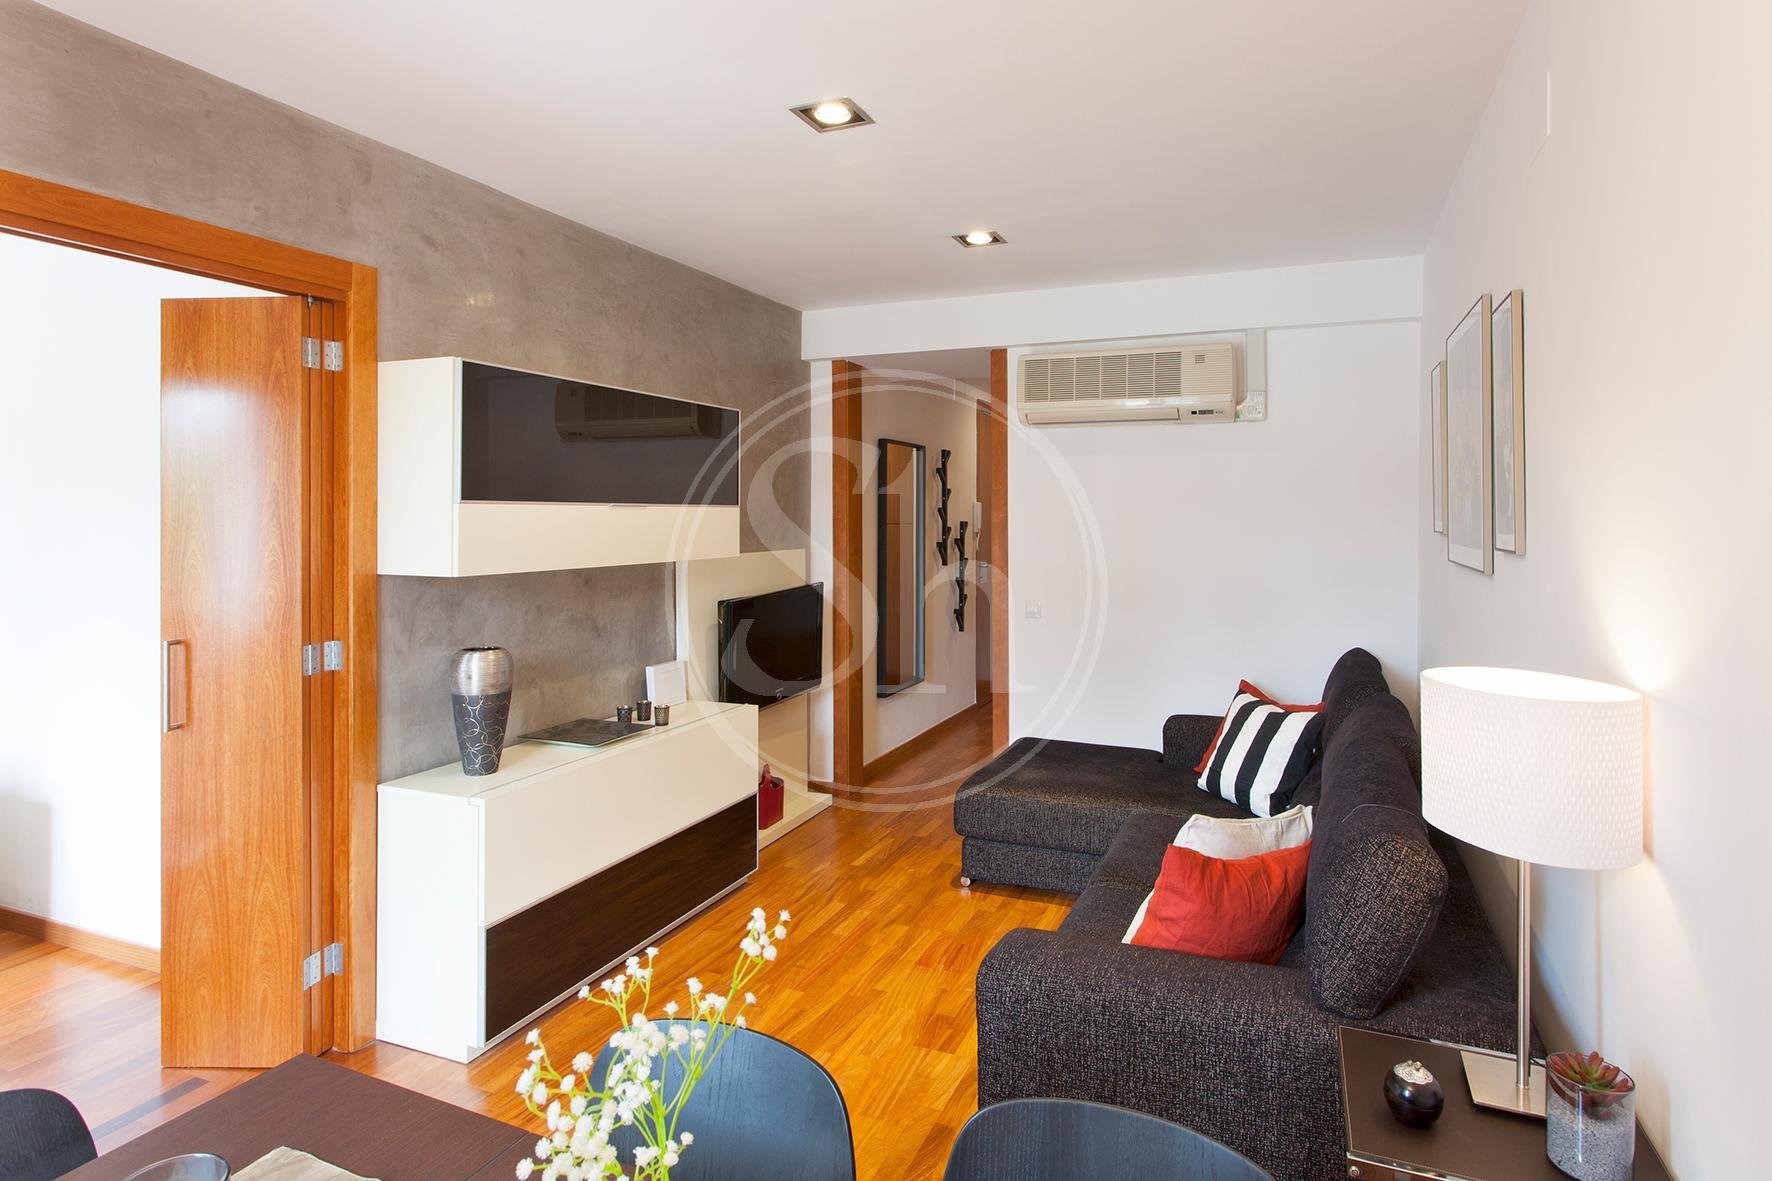 Apartamento idóneo para alquileres temporales